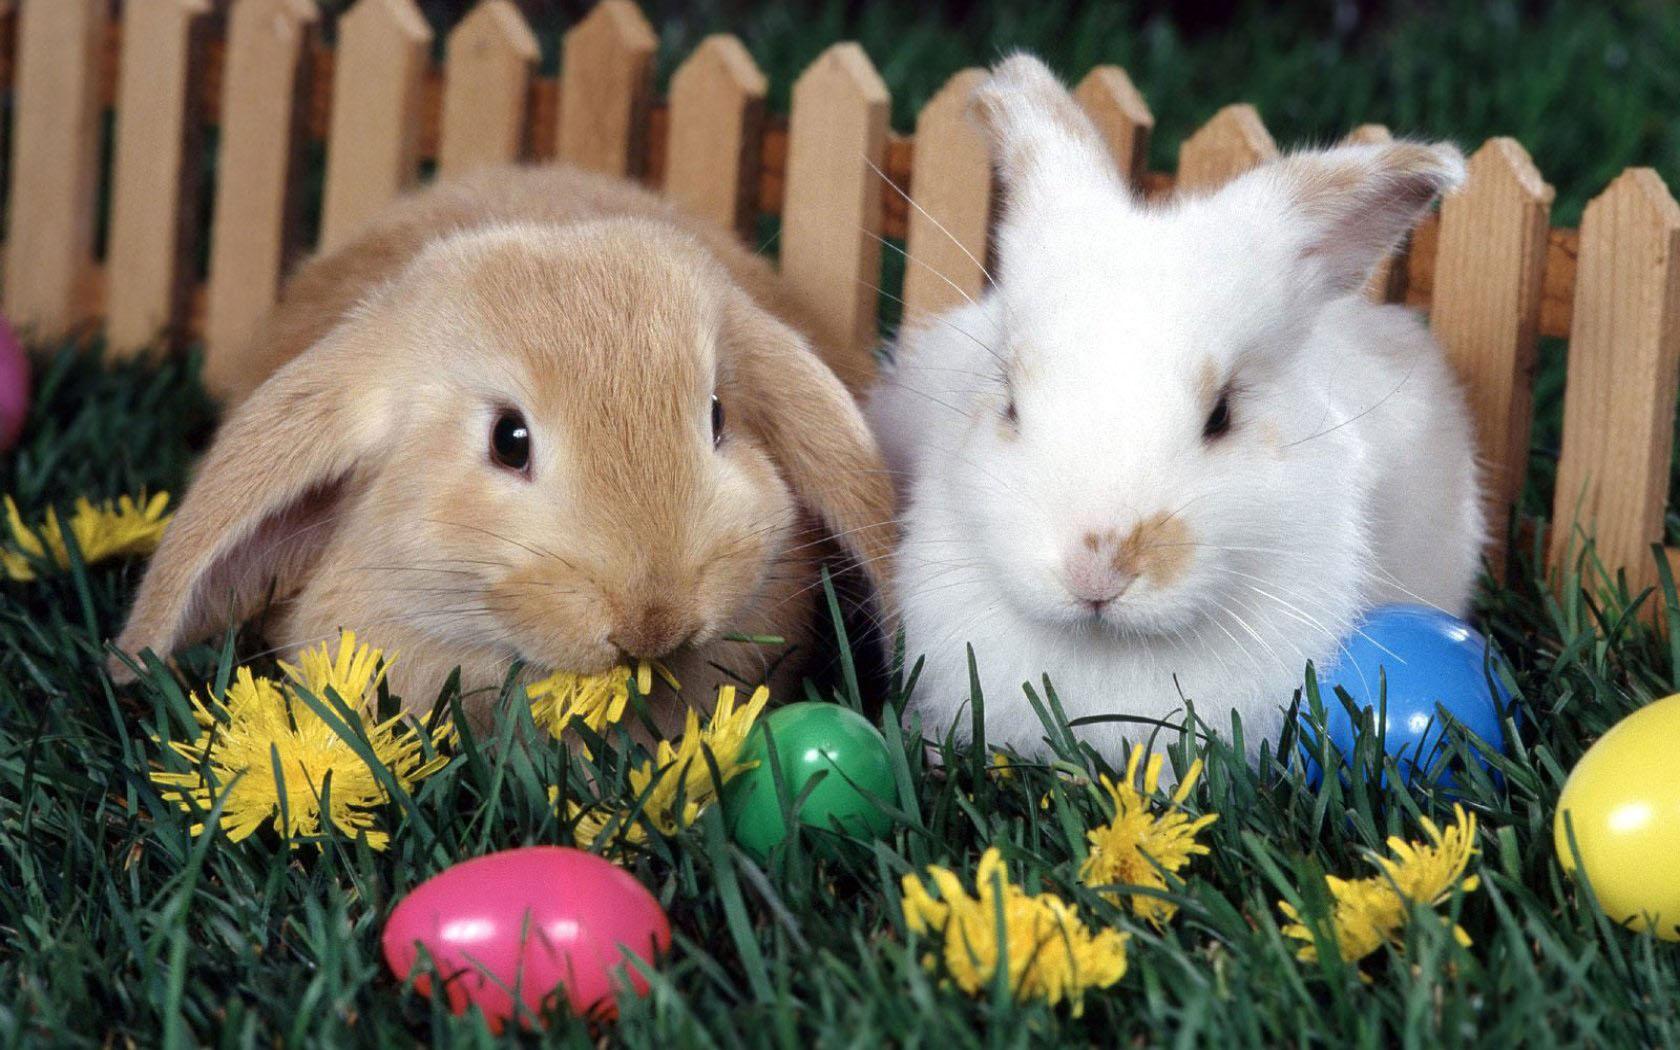 Easter Bunny Wallpaper For Desktop WallpaperSafari